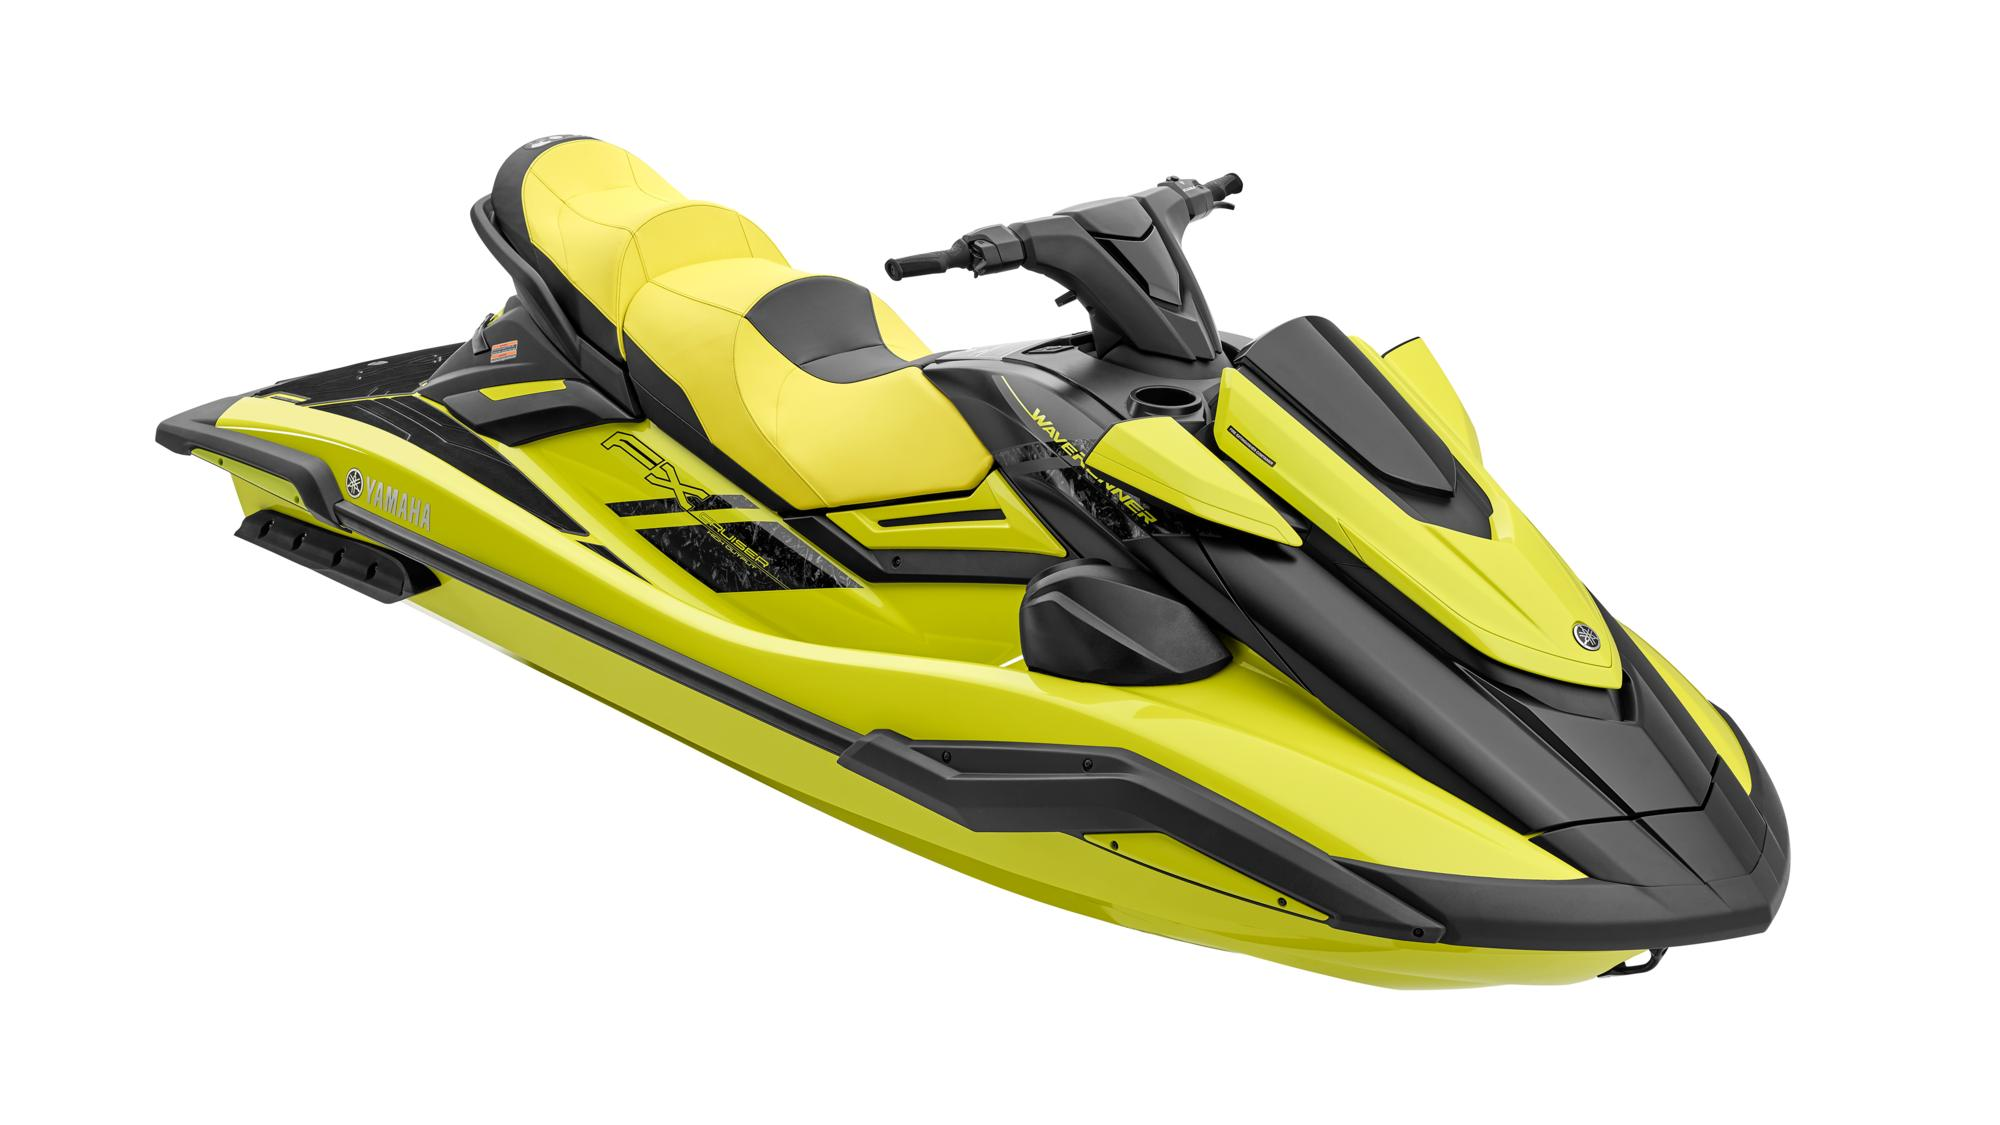 Yamaha FX Cruiser HO 2022 Image